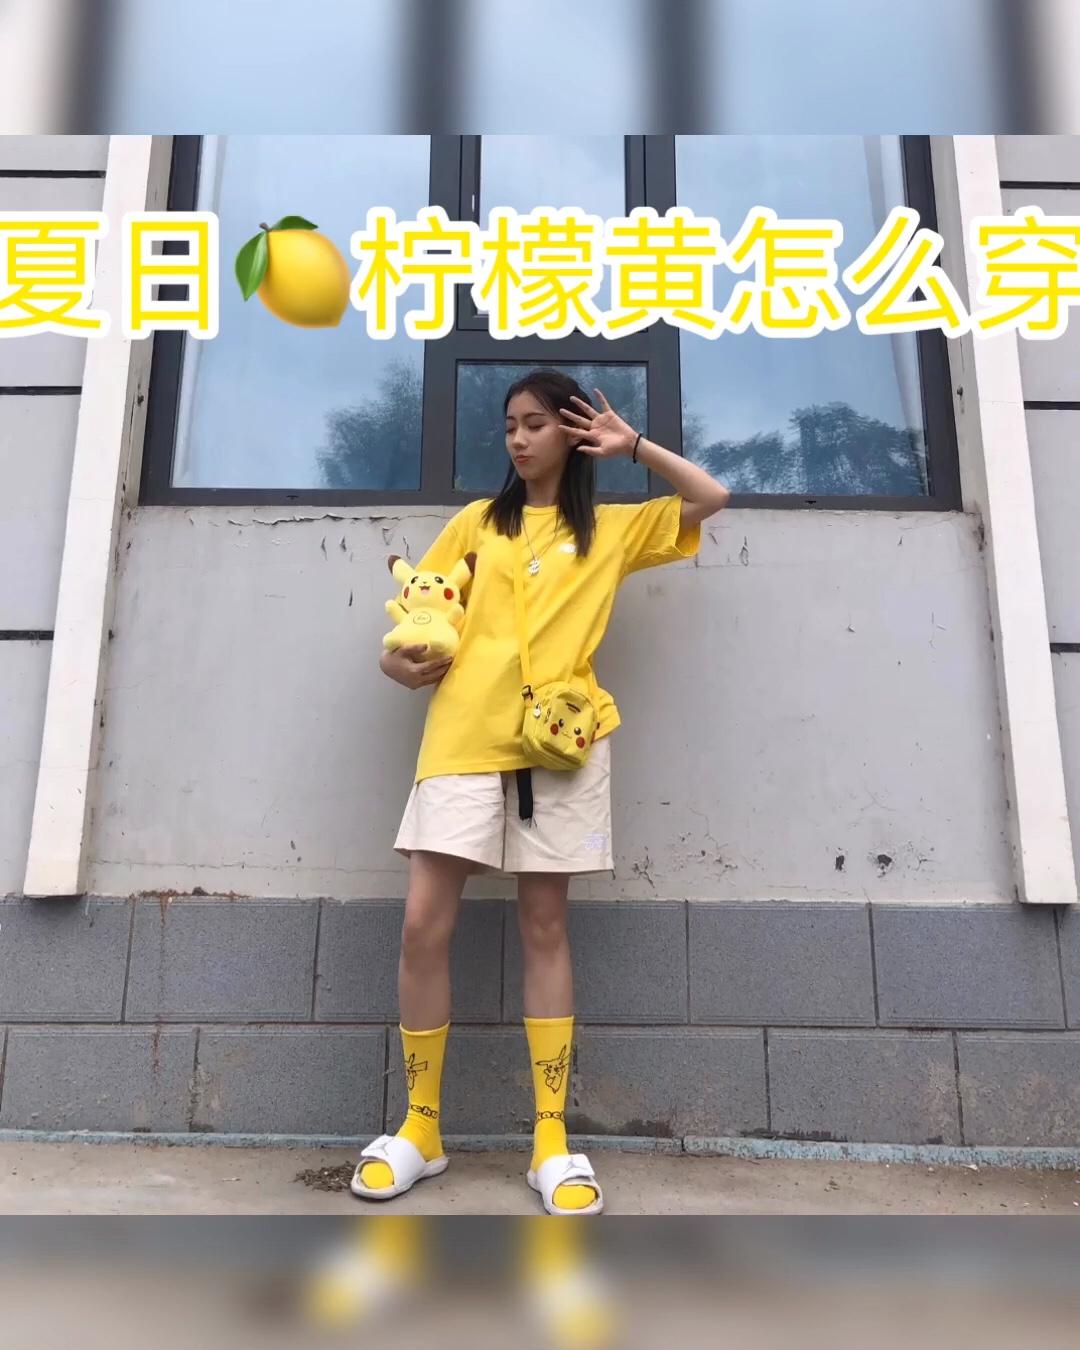 #夏季显白色穿搭,白到你反光!# 🍋的夏天穿搭 炒鸡亮眼的一身穿搭~人见人爱 上身柠檬黄色的宽松t恤,穿在身上非常减龄呀,特意搭配了米色的中裤五分裤,酷酷又可爱,颜色上不会撞。 袜子也是超级可爱的皮卡丘袜,黄黄的一身简直太好看啦!